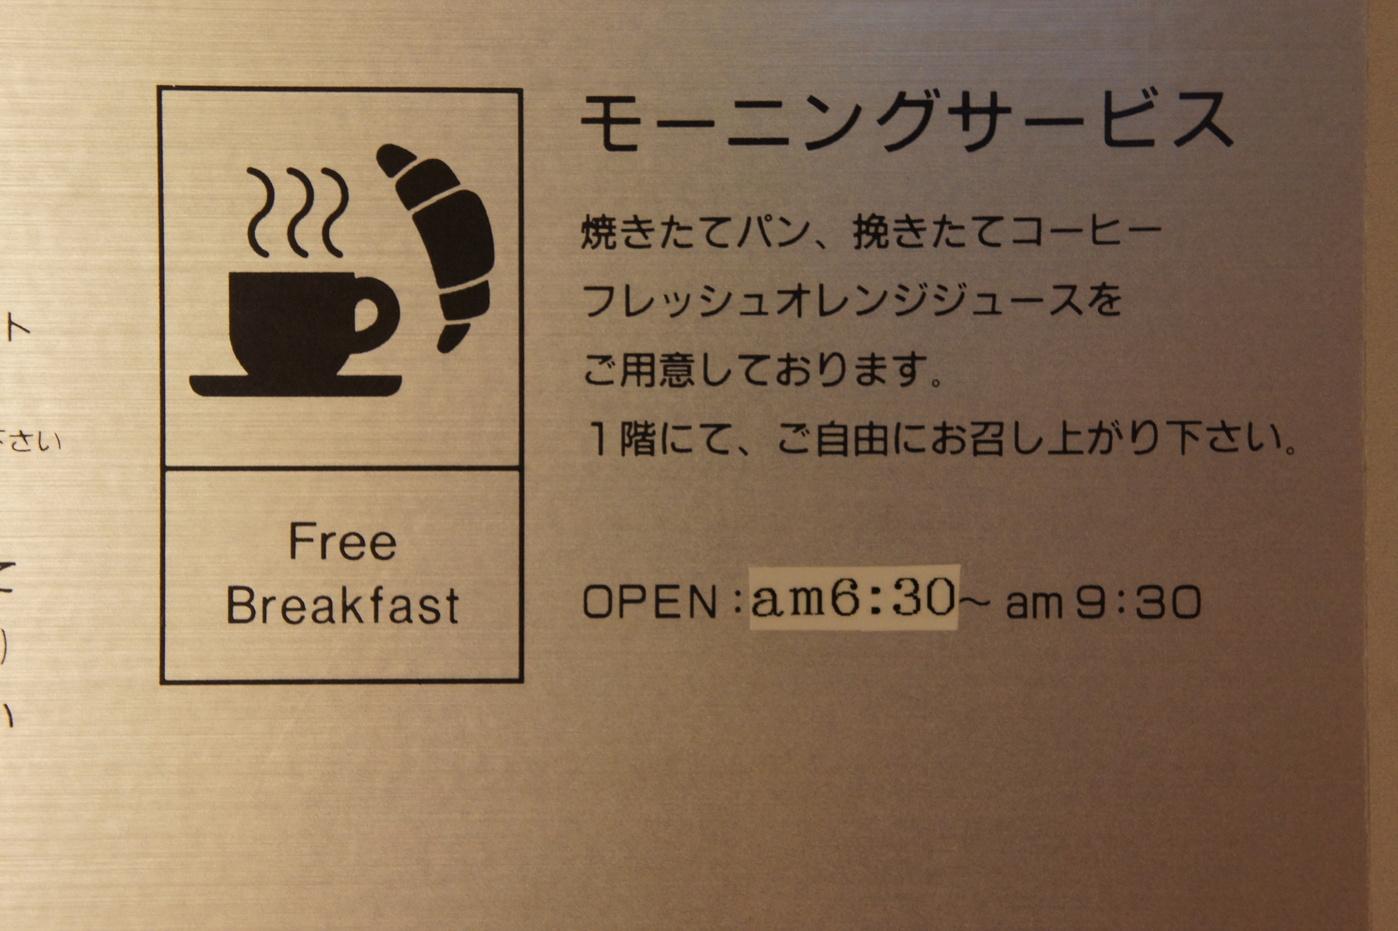 R&Bホテル 金沢駅西口